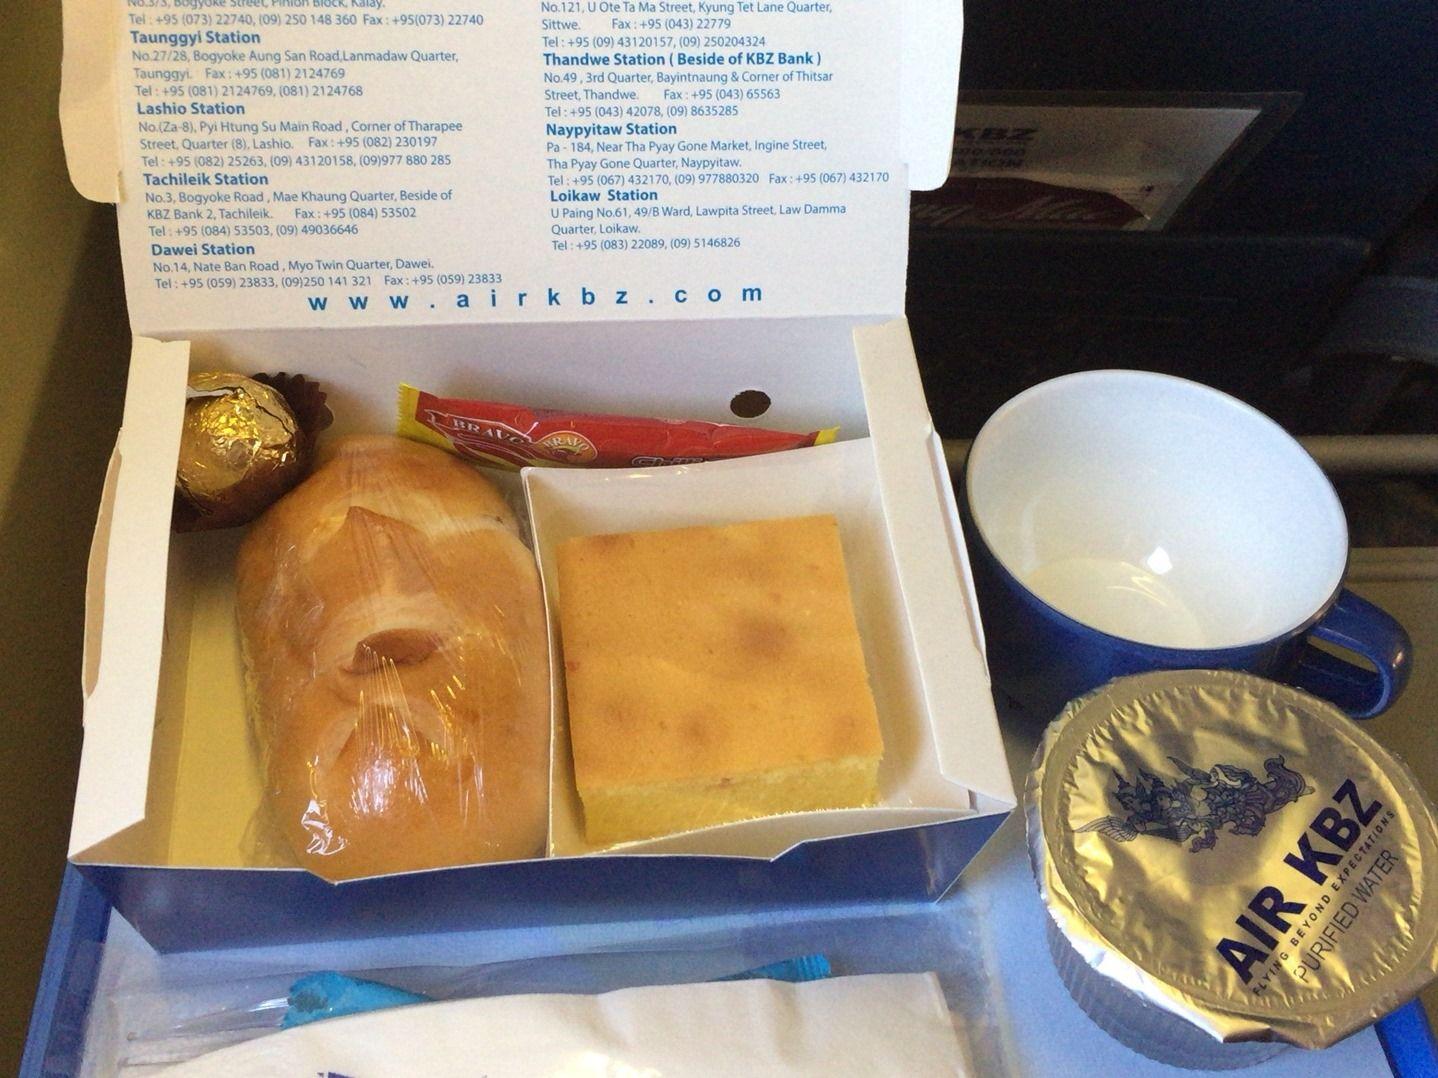 カンボーザ航空(KBZ airlines)の機内食